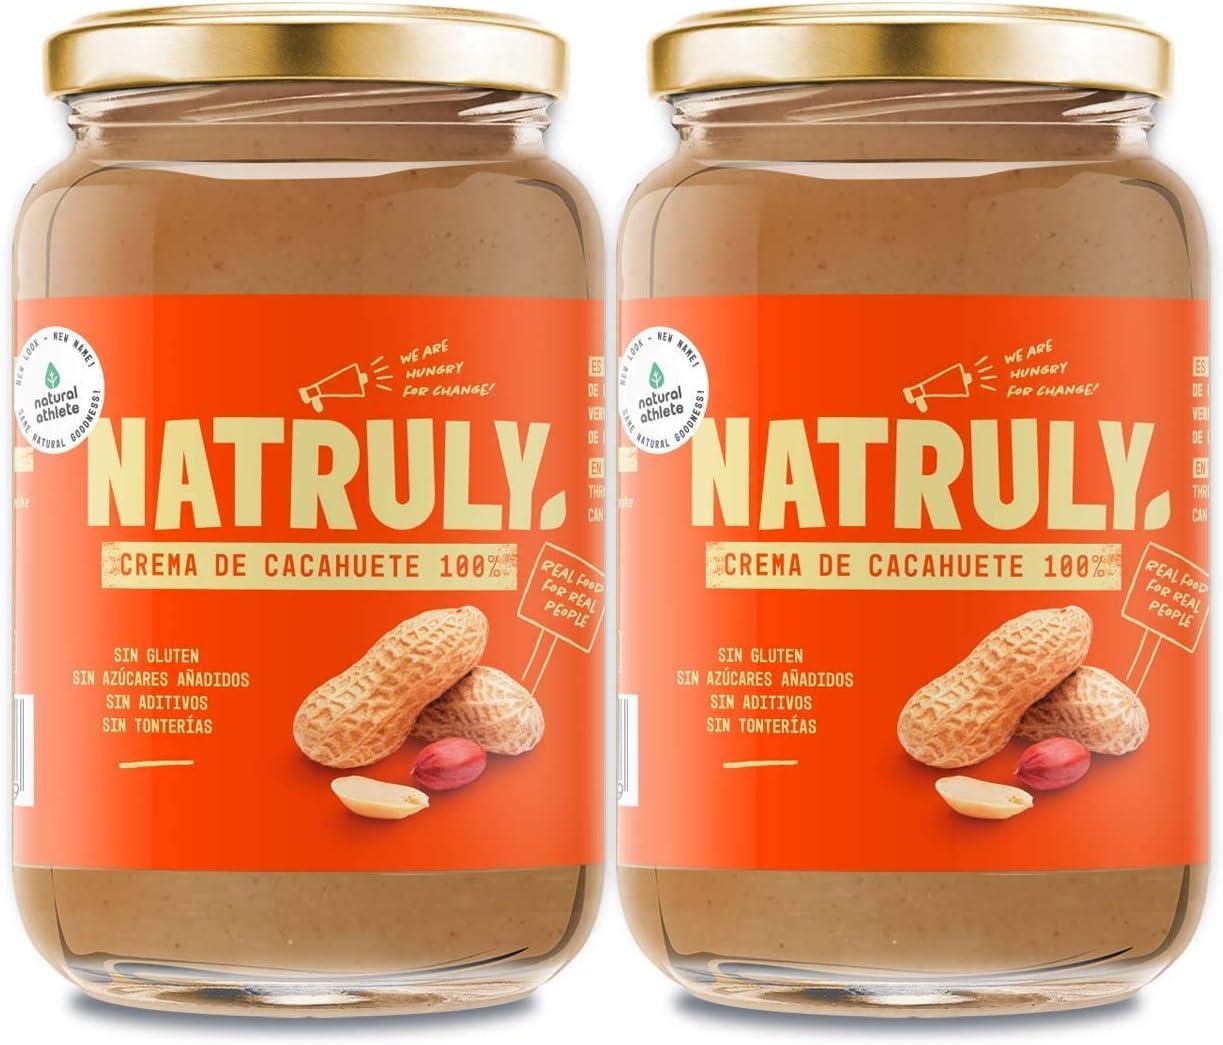 Miglior burro di arachidi Natruly